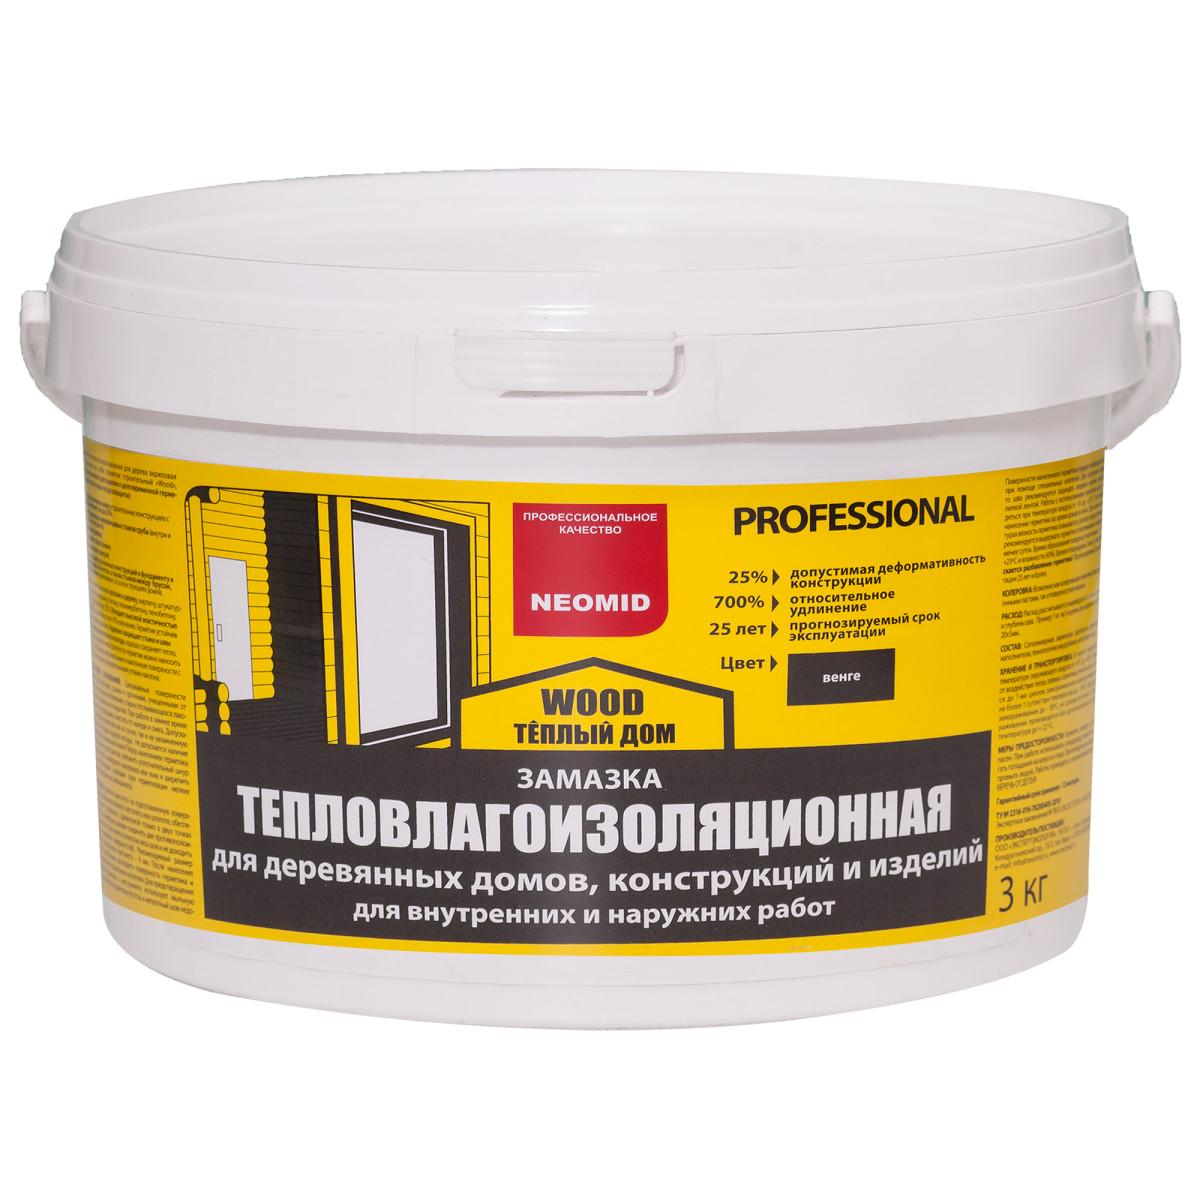 Замазка для дерева Neomid цвета венге 3 кг